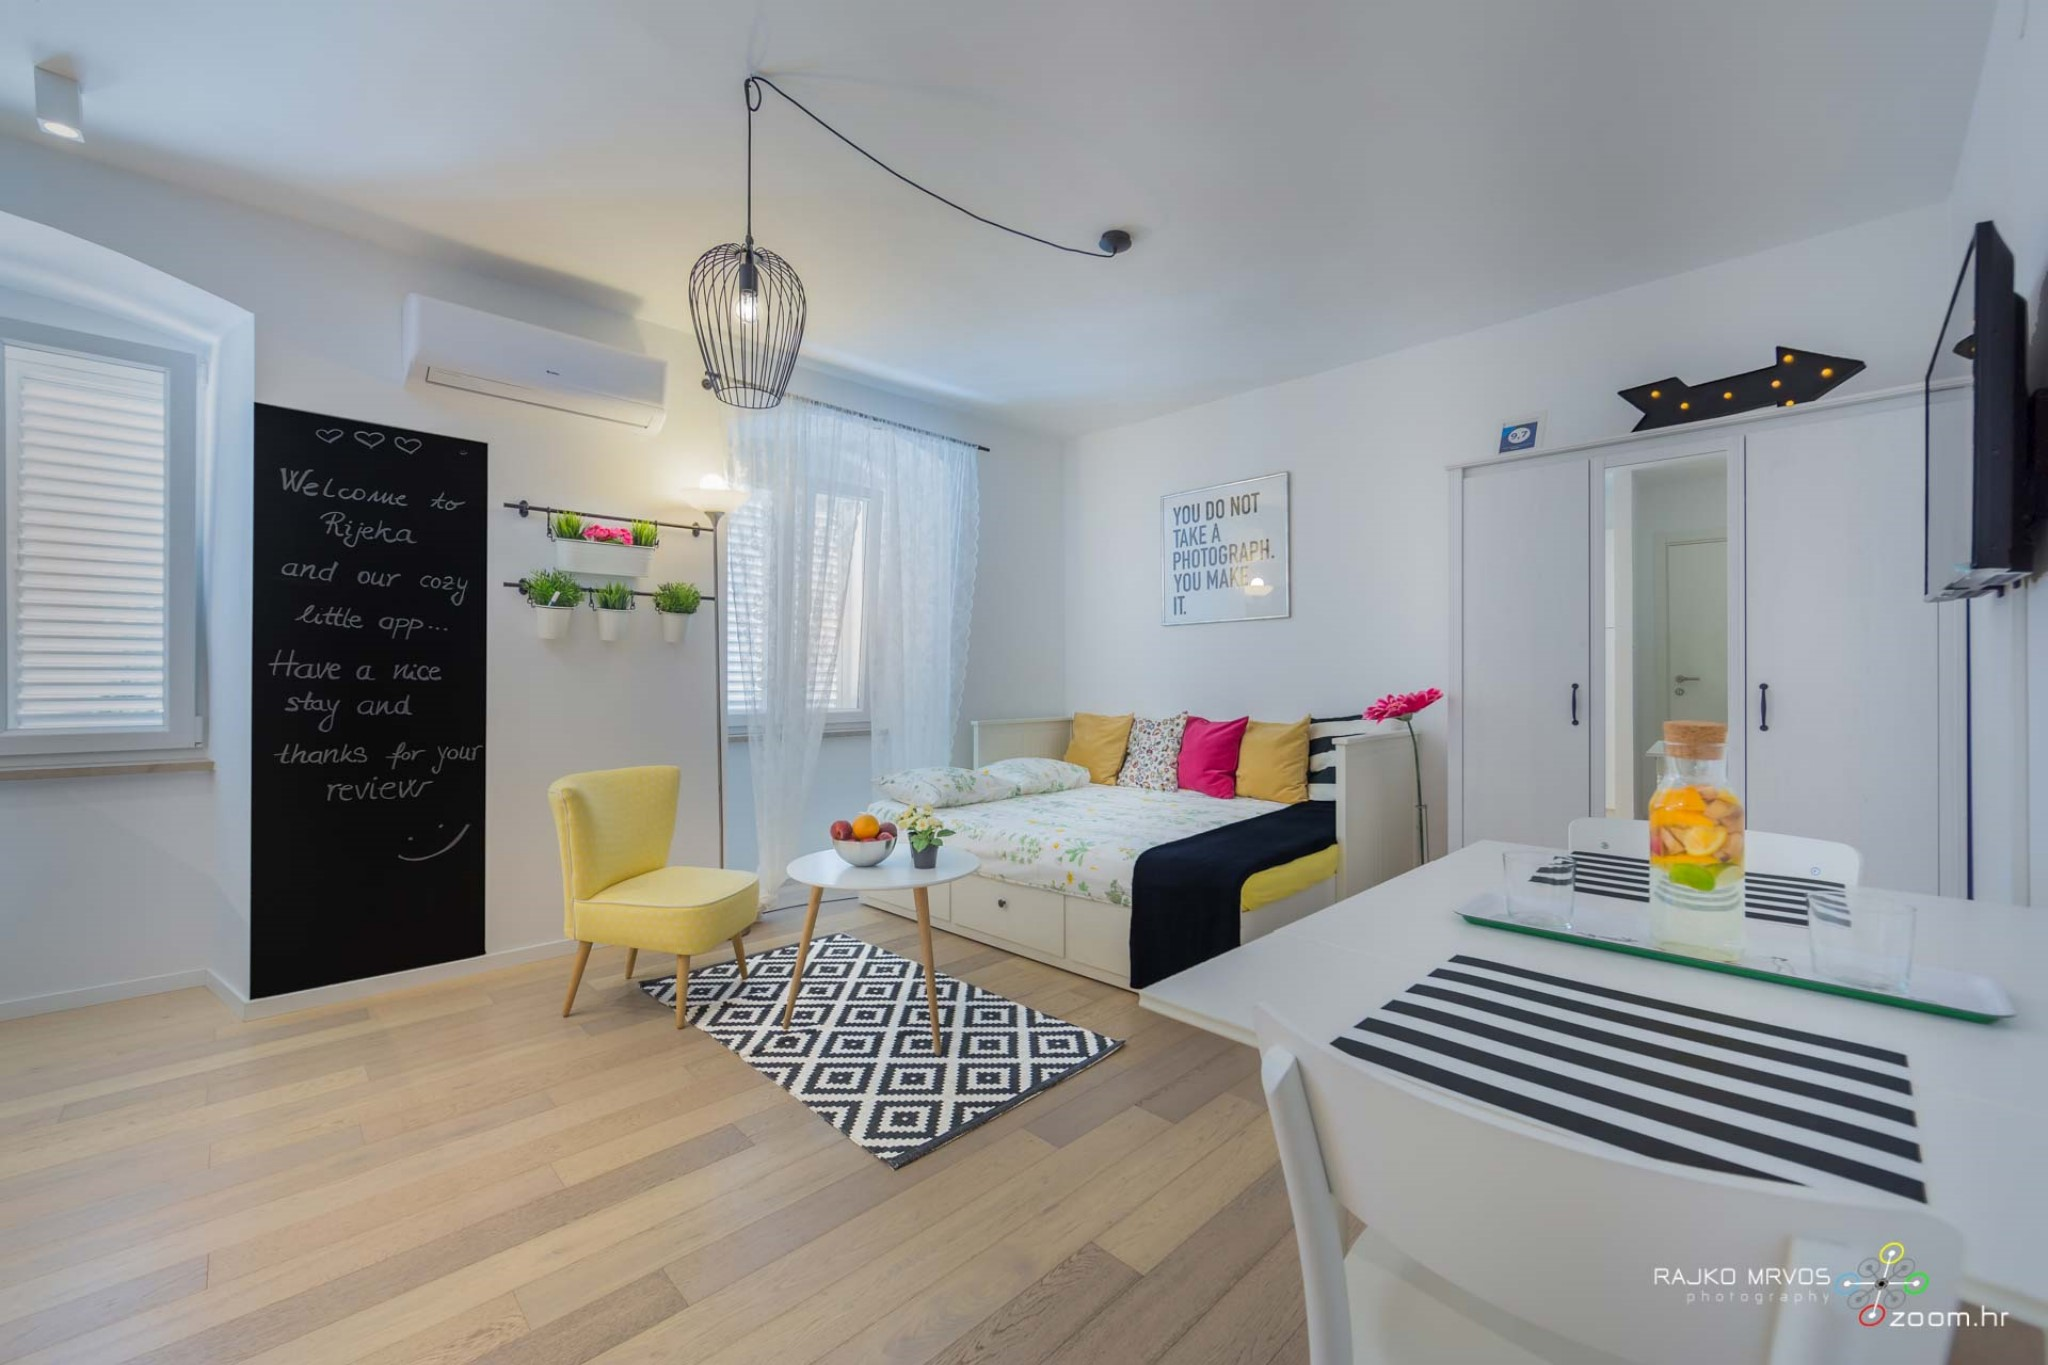 fotograf-interijera-fotograf-eksterijera-slikanje-apartmana-Central-Rijeka-Apartments-37